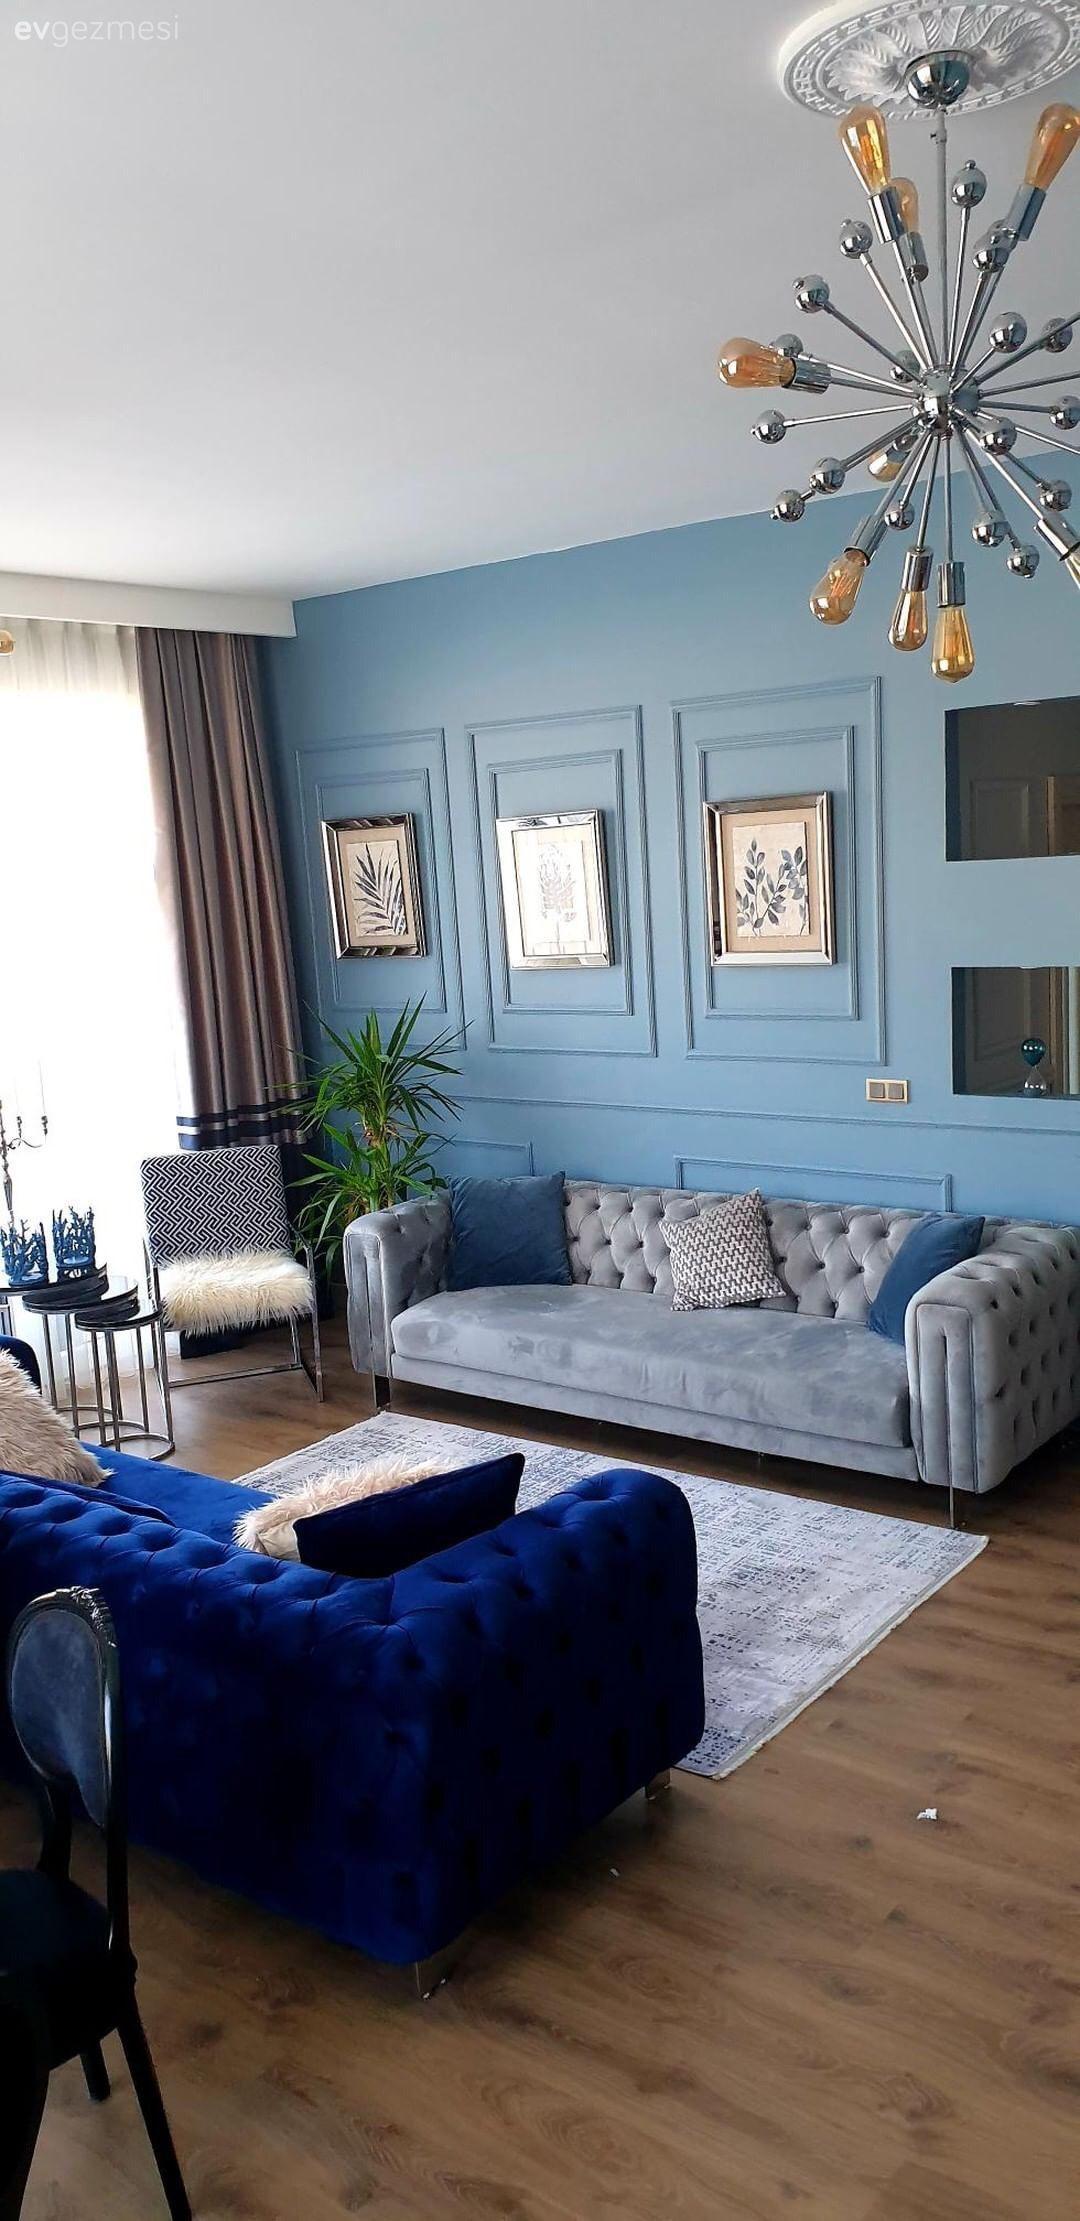 Bu Evin Serin Renkleri Sik Dekorasyona Taze Bir Nefes Katiyor Ev Gezmesi Luks Oturma Odalari Ev Icin Oturma Odasi Takimlari